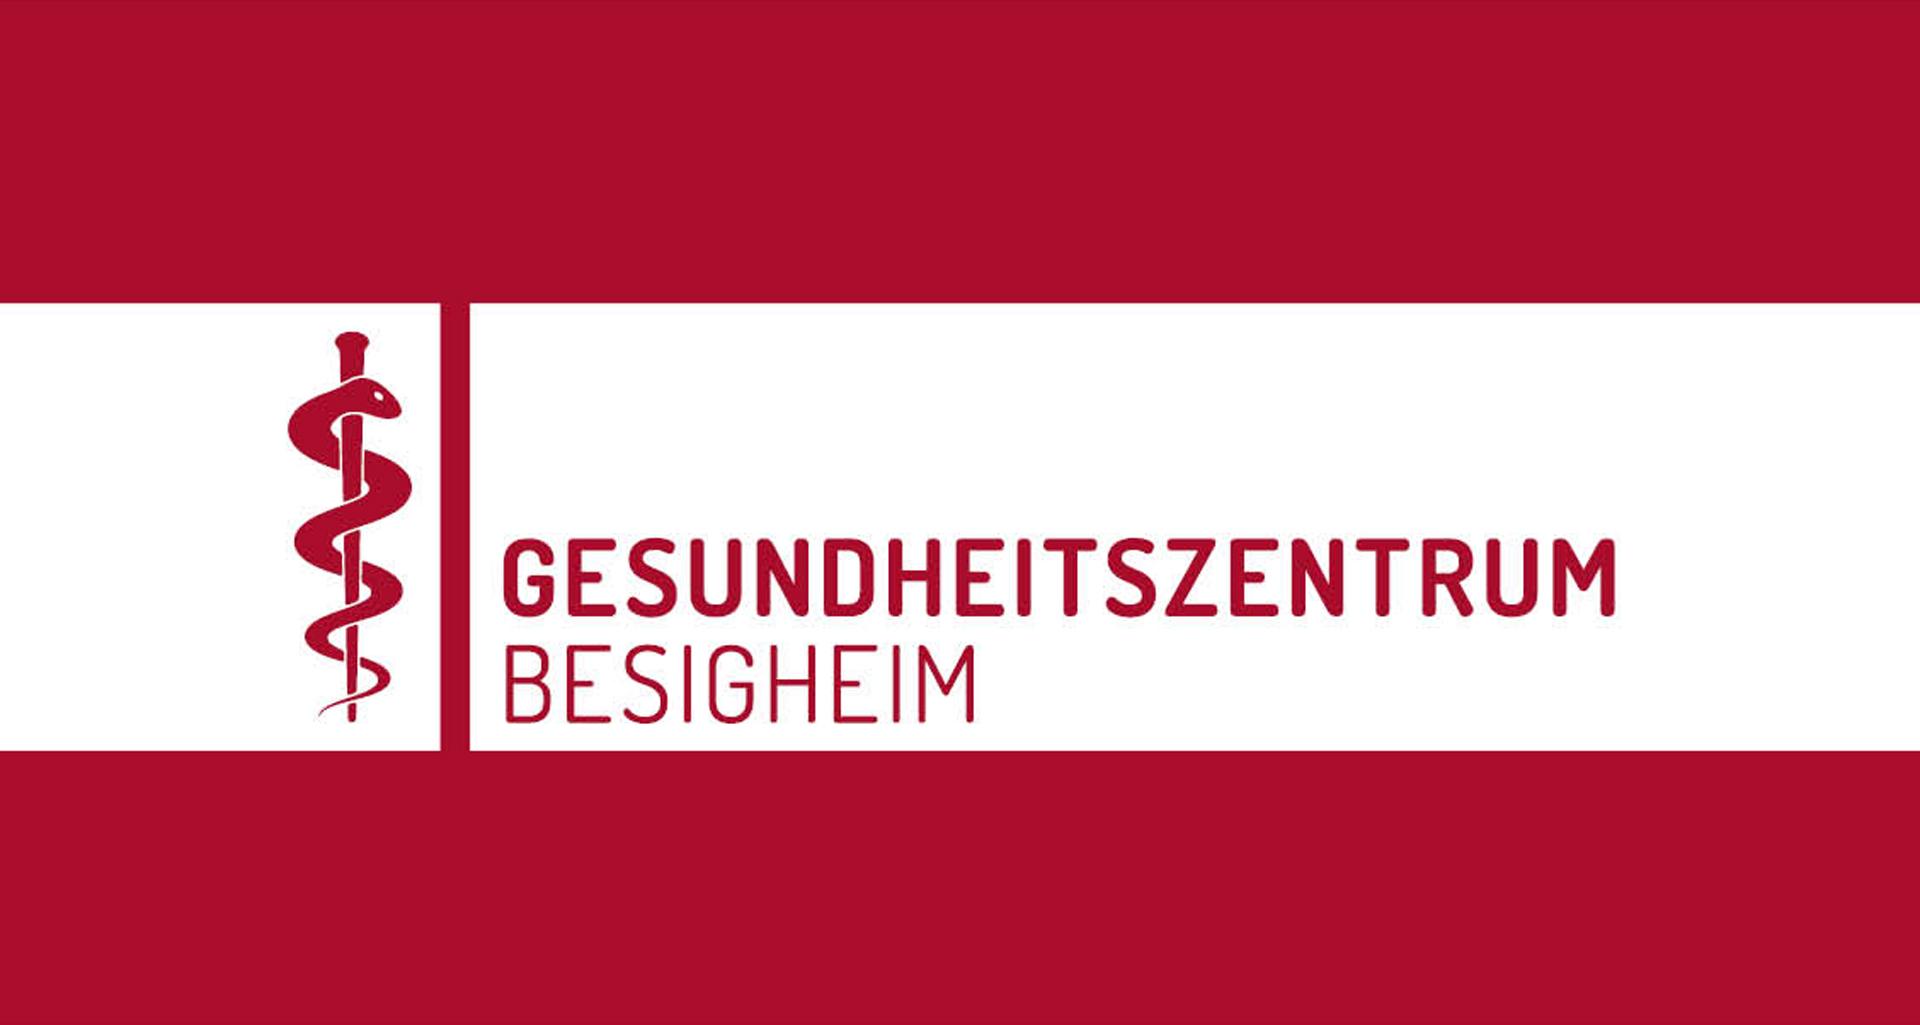 Das neue Gesundheitszentrum Besigheim